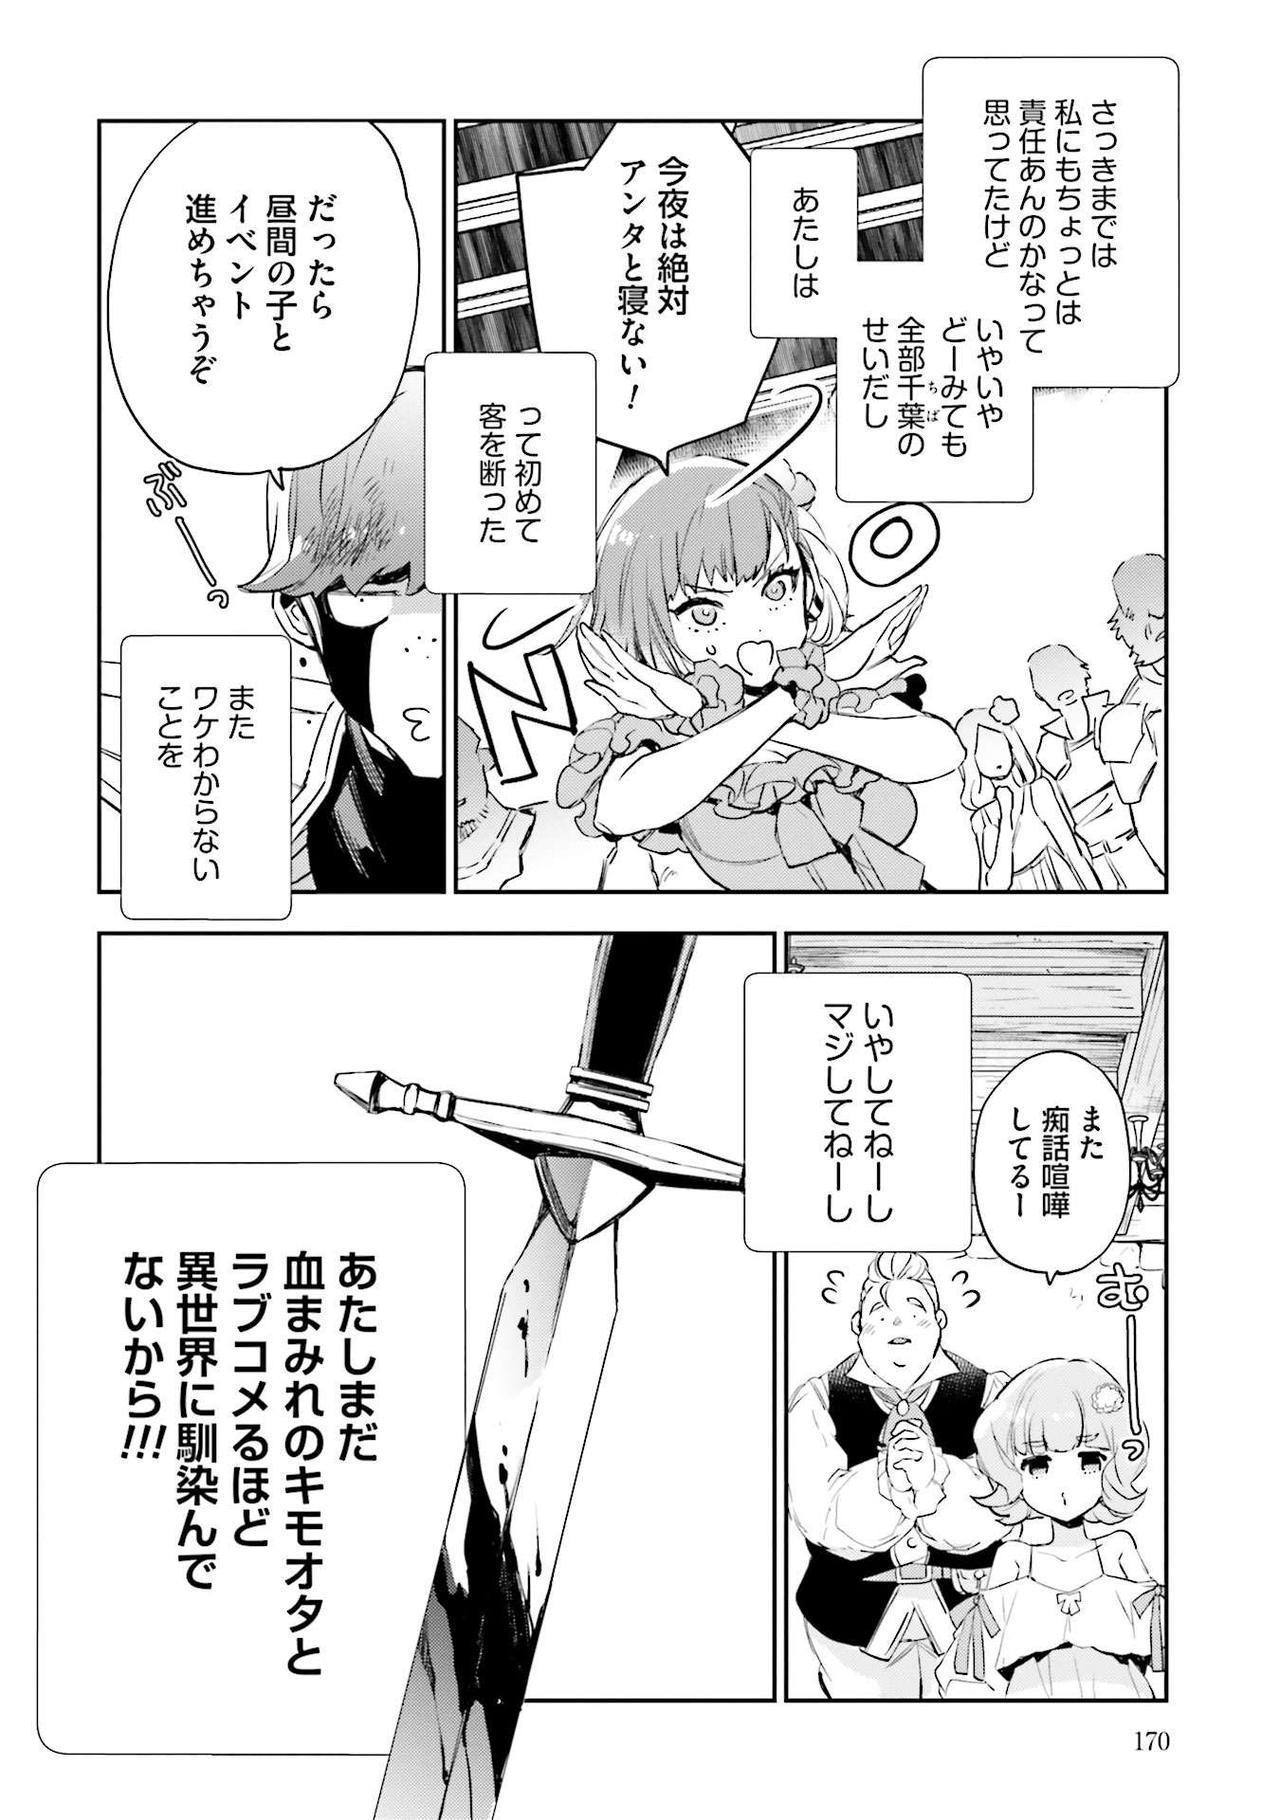 JK Haru wa Isekai de Shoufu ni Natta 1-14 171